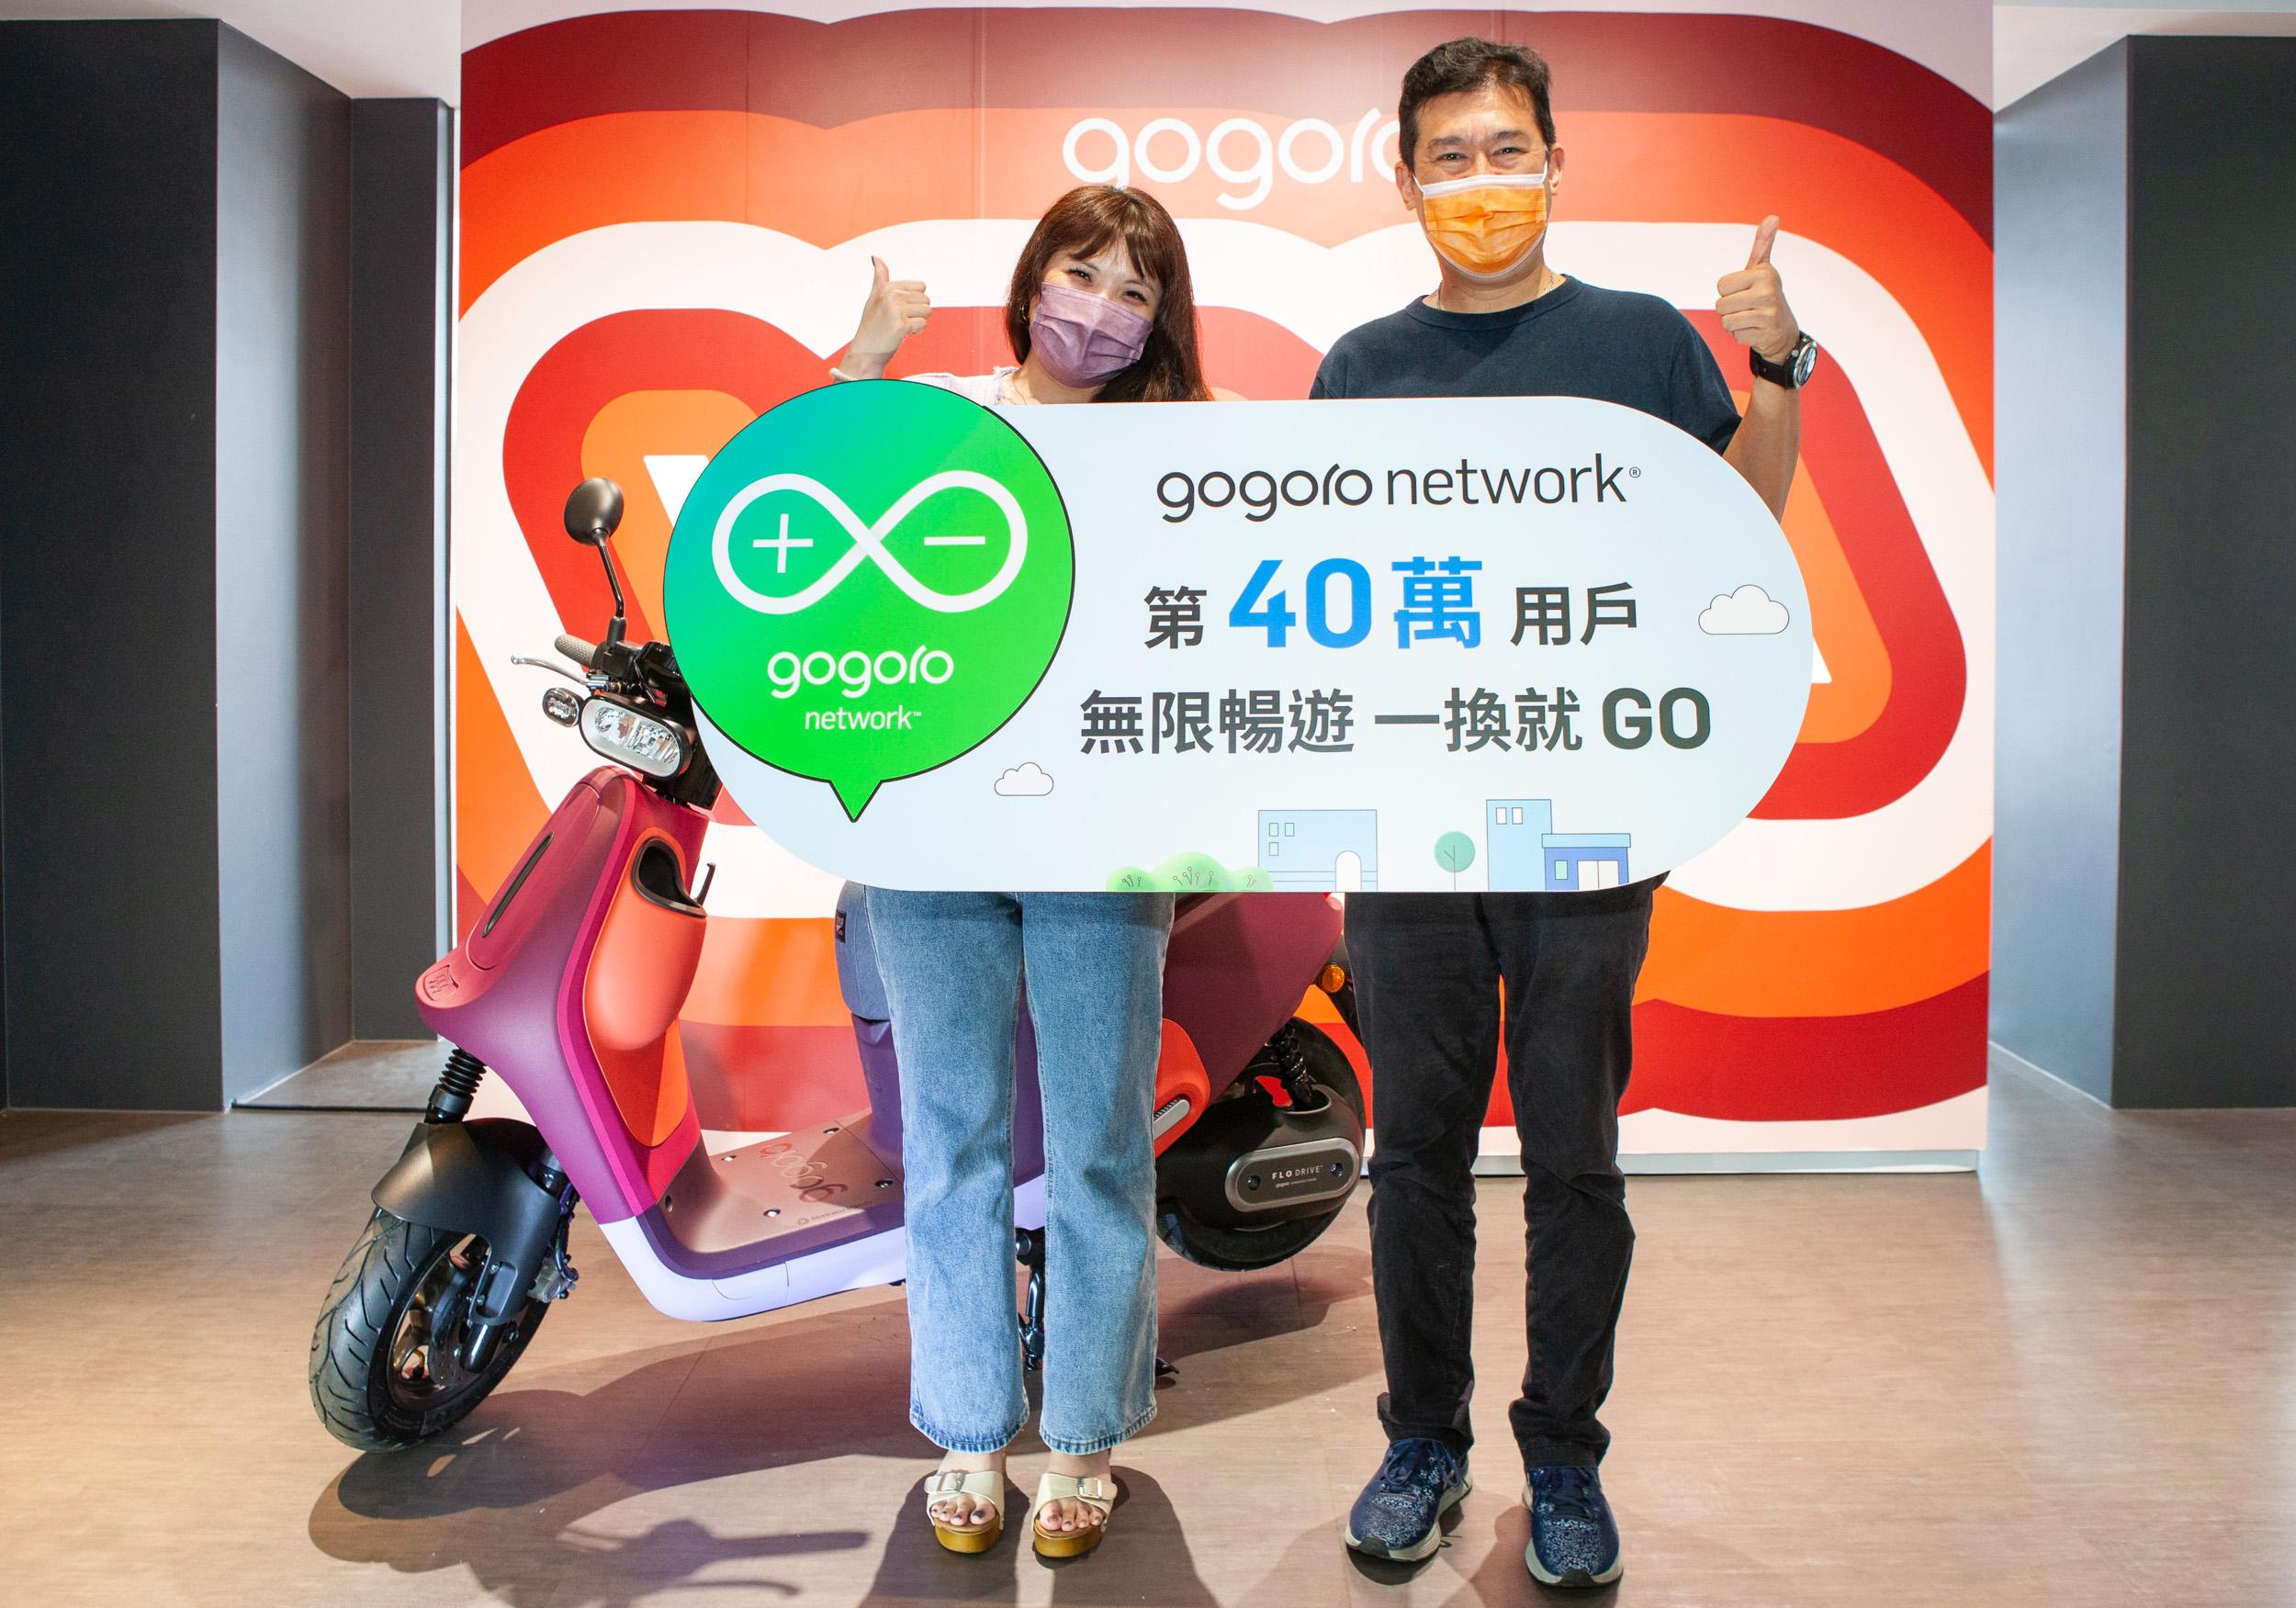 Gogoro Network 第 40 萬用戶誕生,獨享「年年 $0 元騎到飽」終身免繳電池資費。